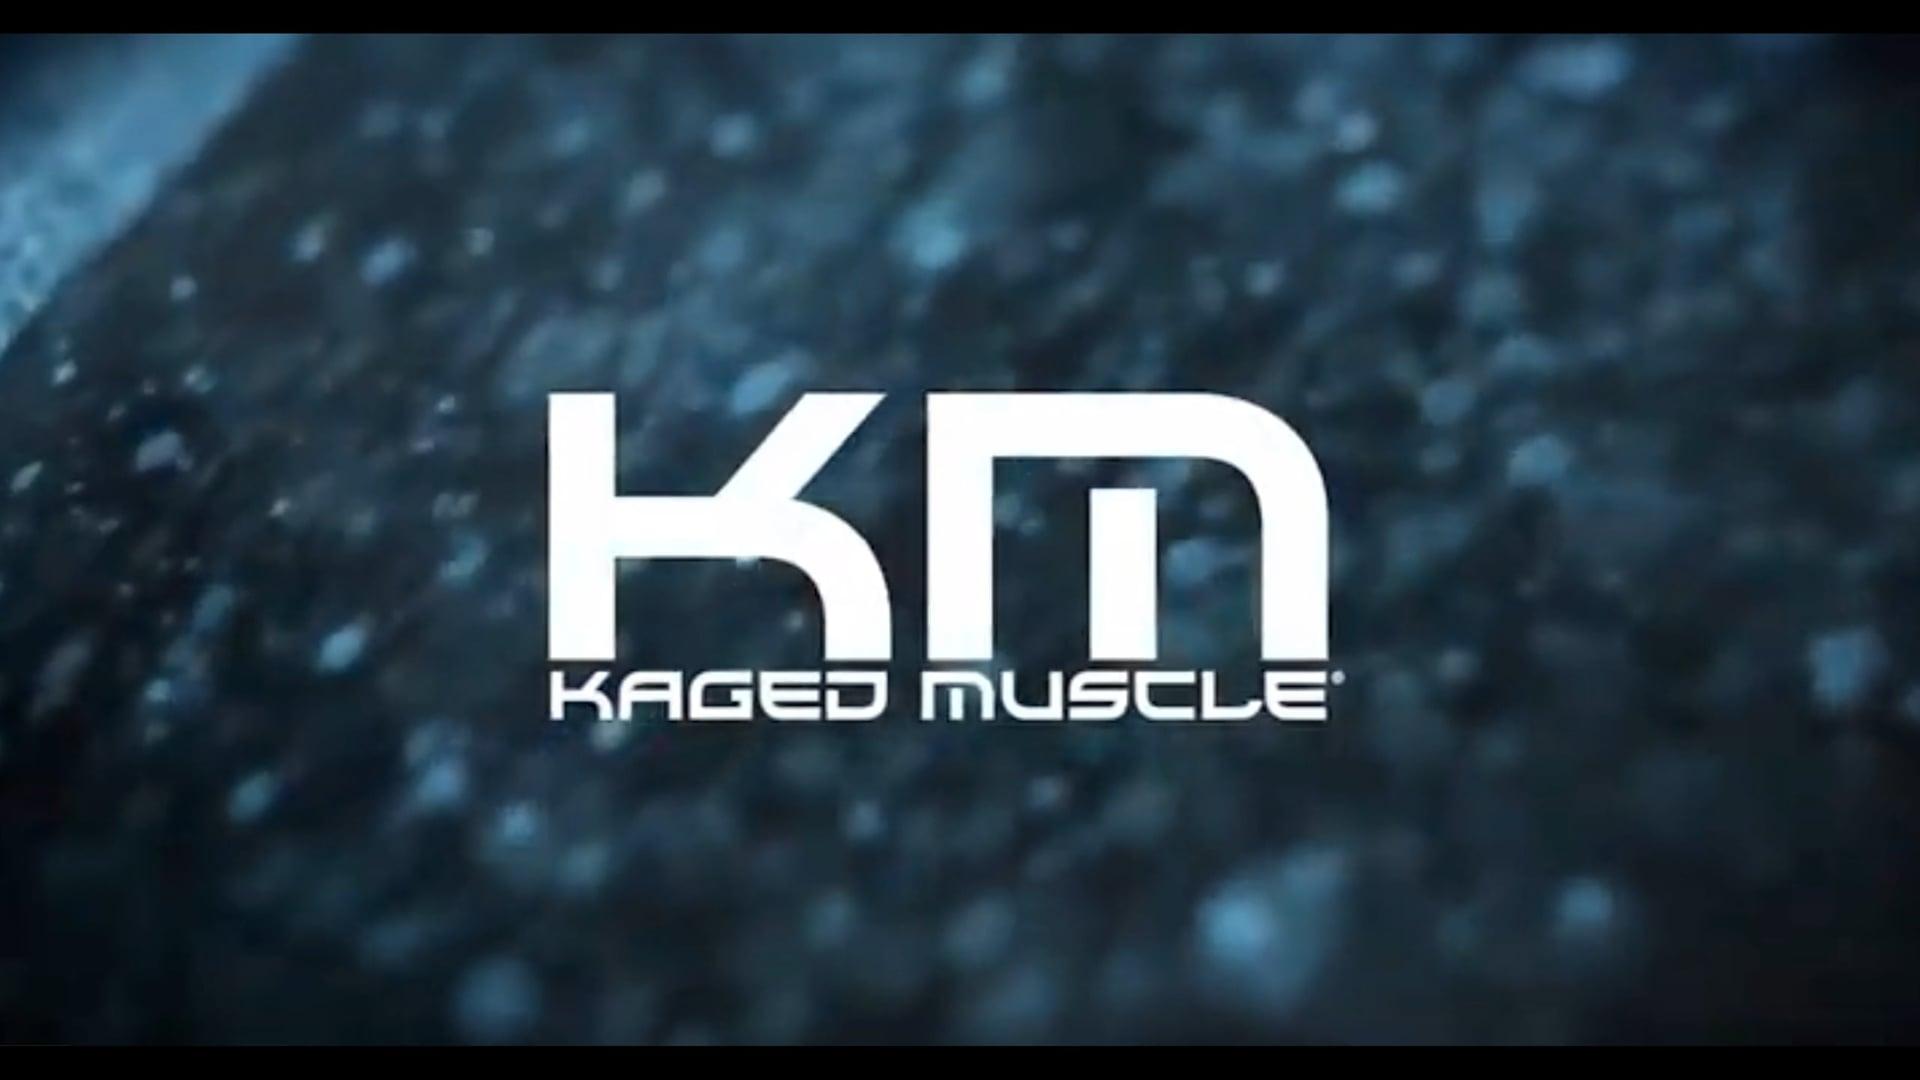 Kaged Muscle Brian Ortega - Ad